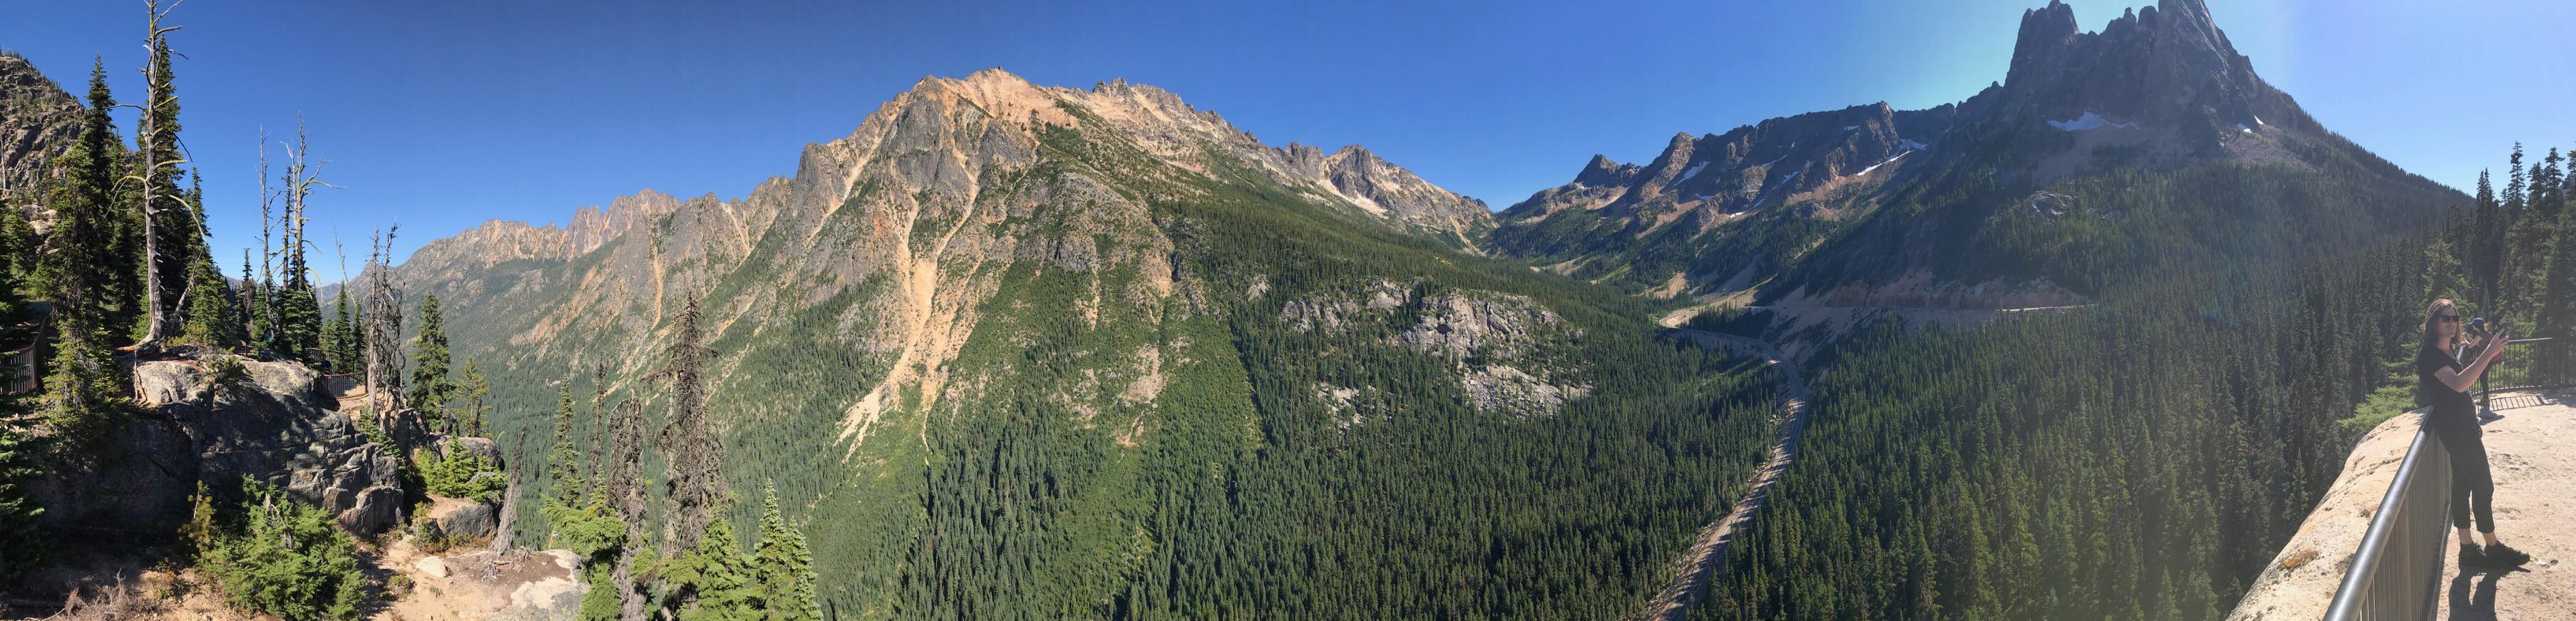 Washington Pass panorama.Washington Pass panorama.